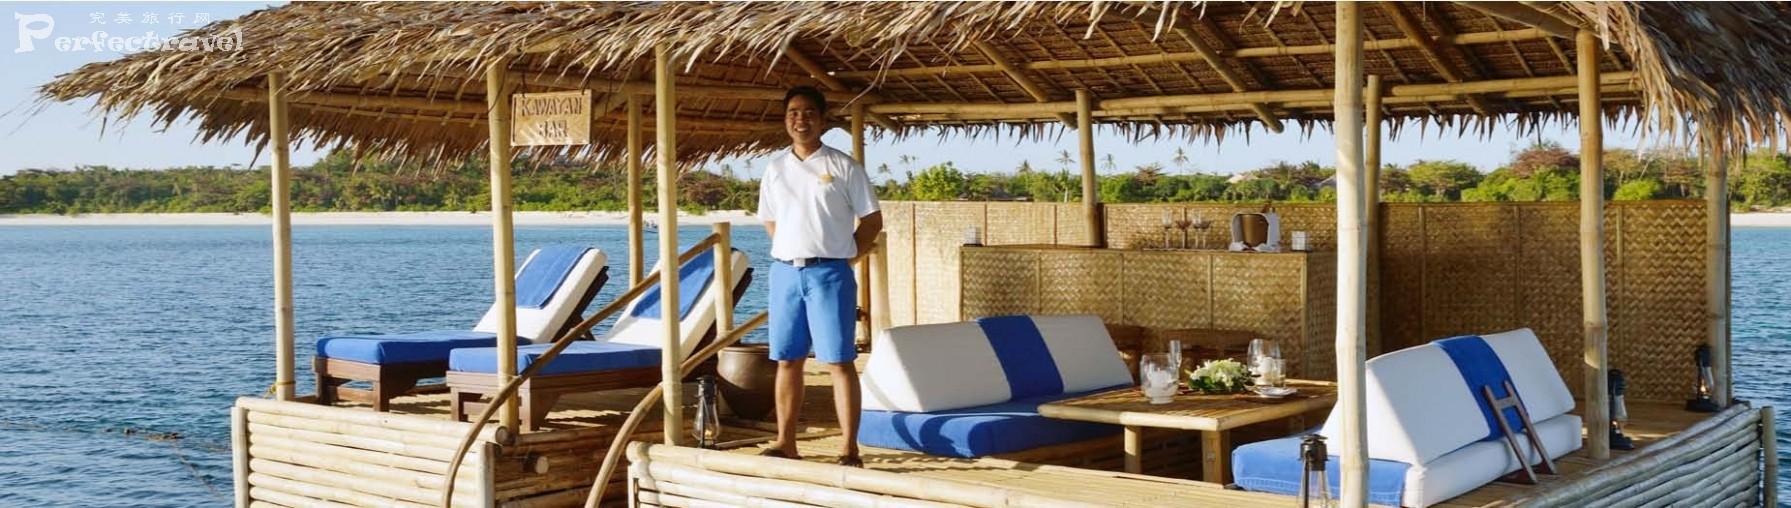 菲律宾巴拉望的明珠Amanpulo:连住3晚,送免费私人飞机上岛! - 完美旅行Perfectravel - 完美旅行Perfectravel的博客